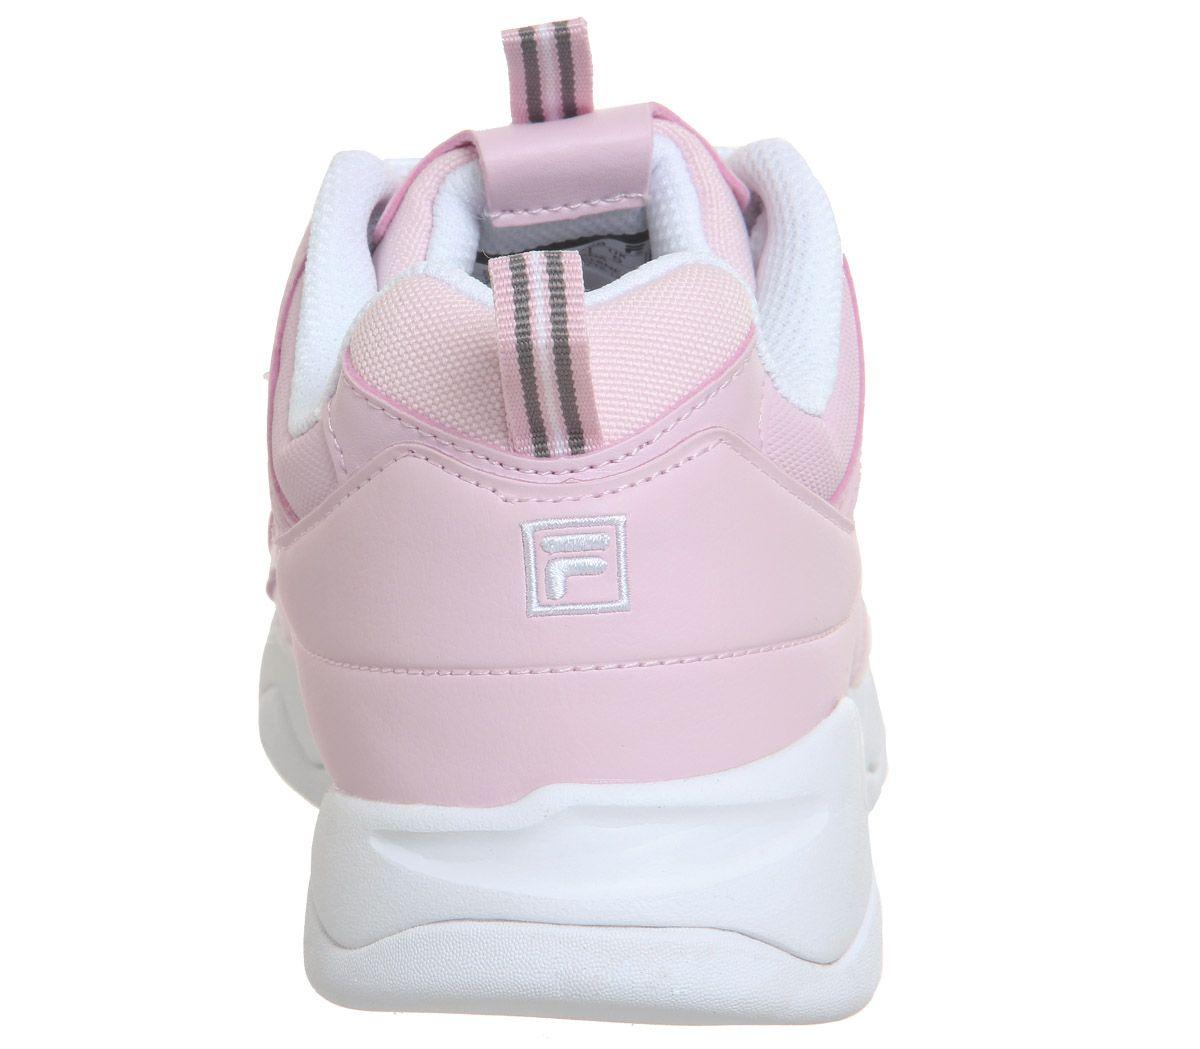 Detalles de Zapatillas para mujer fila Fila Ray Tiza Rosa Blanco Tiza Rosa  Zapatillas Zapatos- ver título original